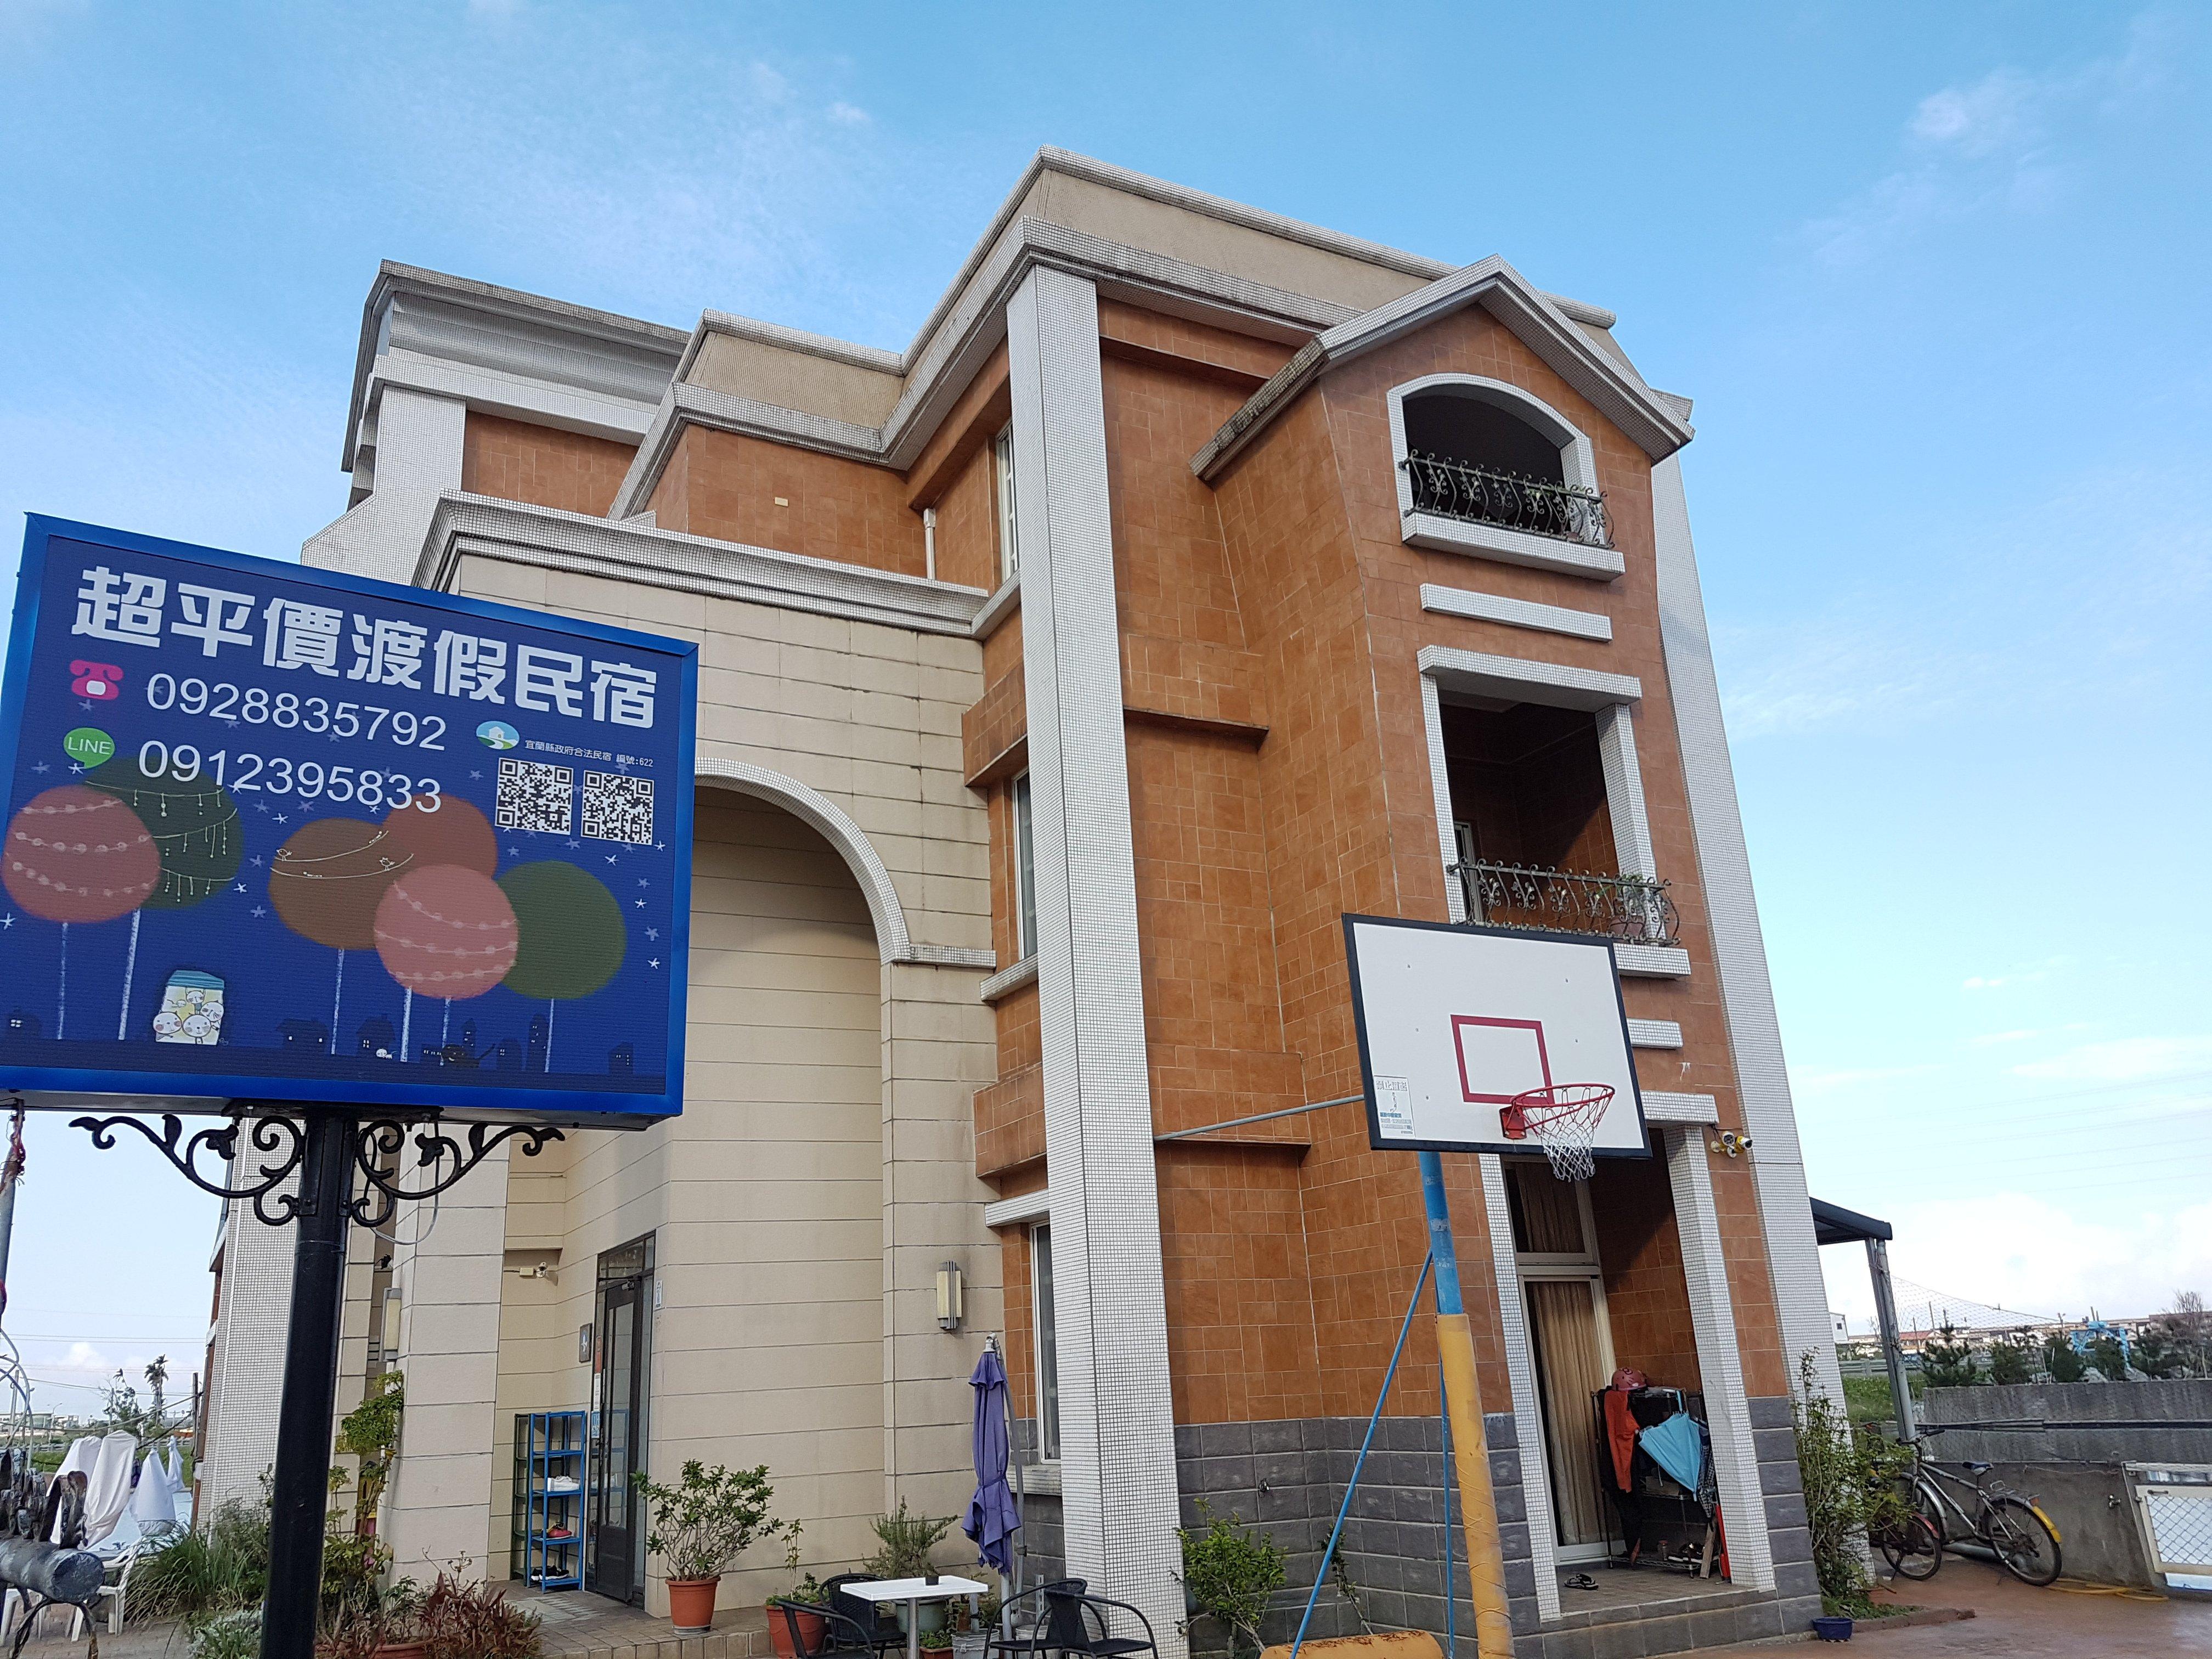 Chaopingjia Homestay